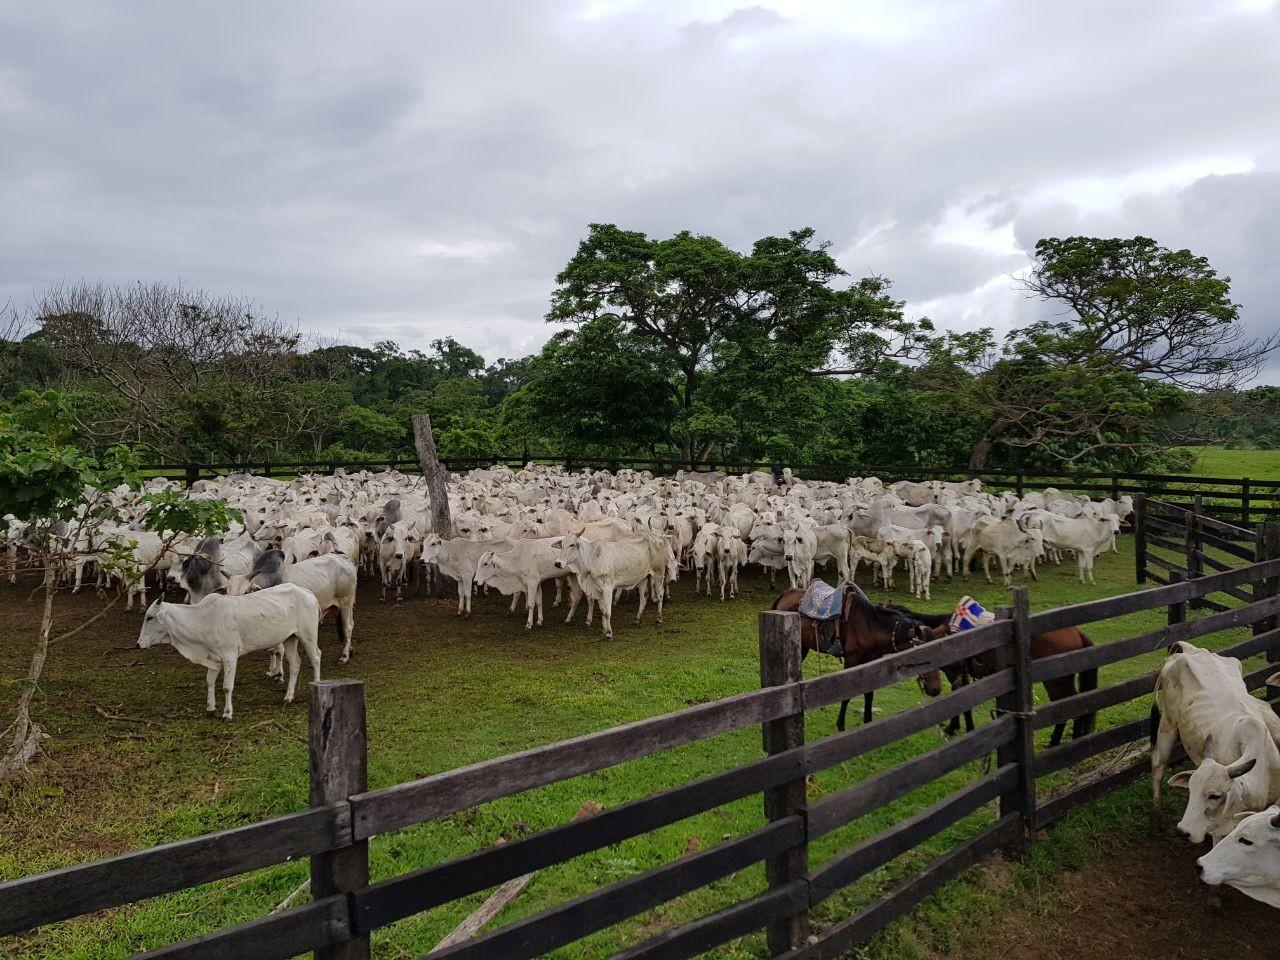 Quinta propiedad agrícola en Venta En Venta #propiedad #ganadera zona #terebinto Foto 5